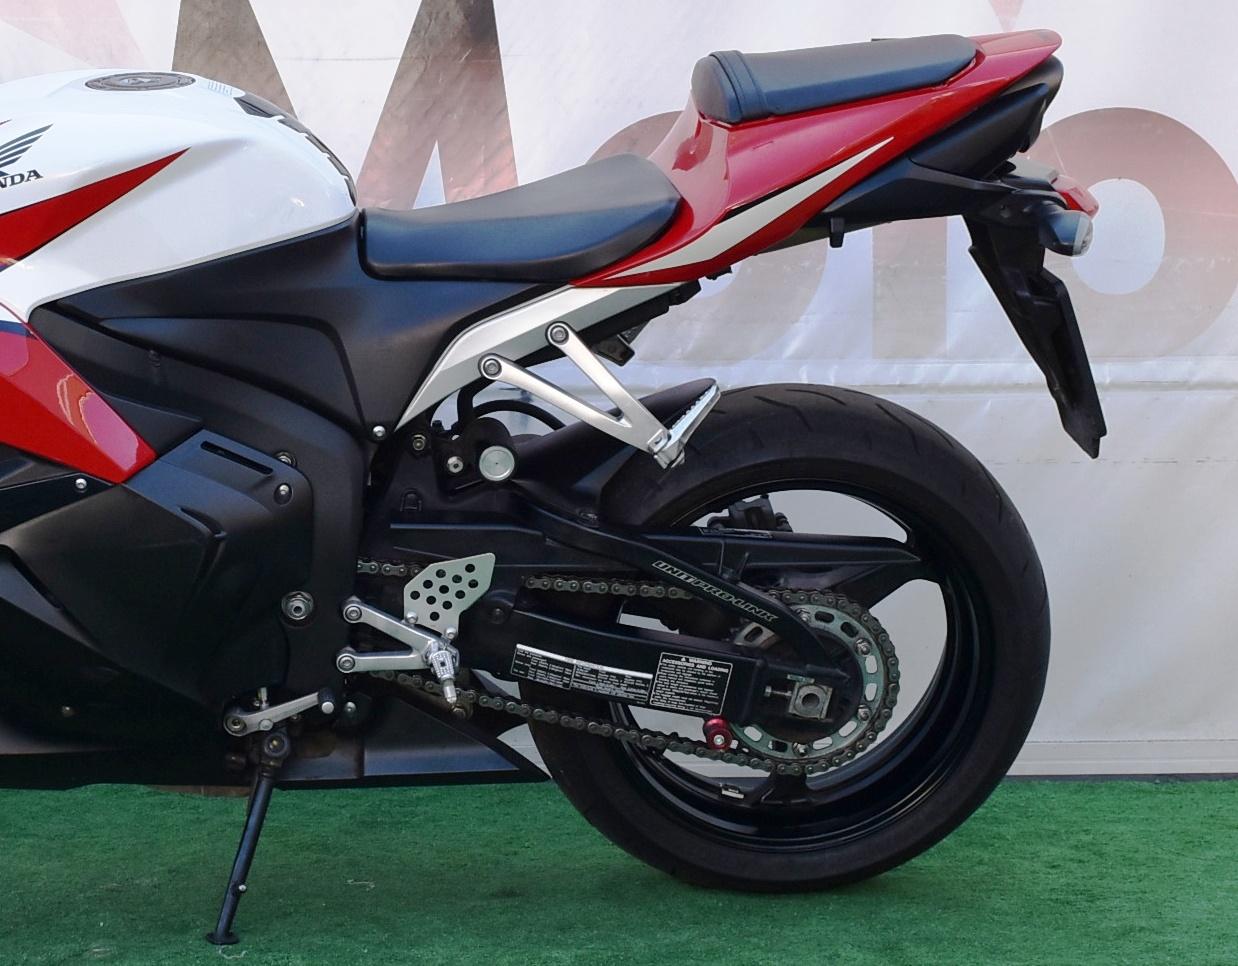 HONDA CBR 600 RR – 2012